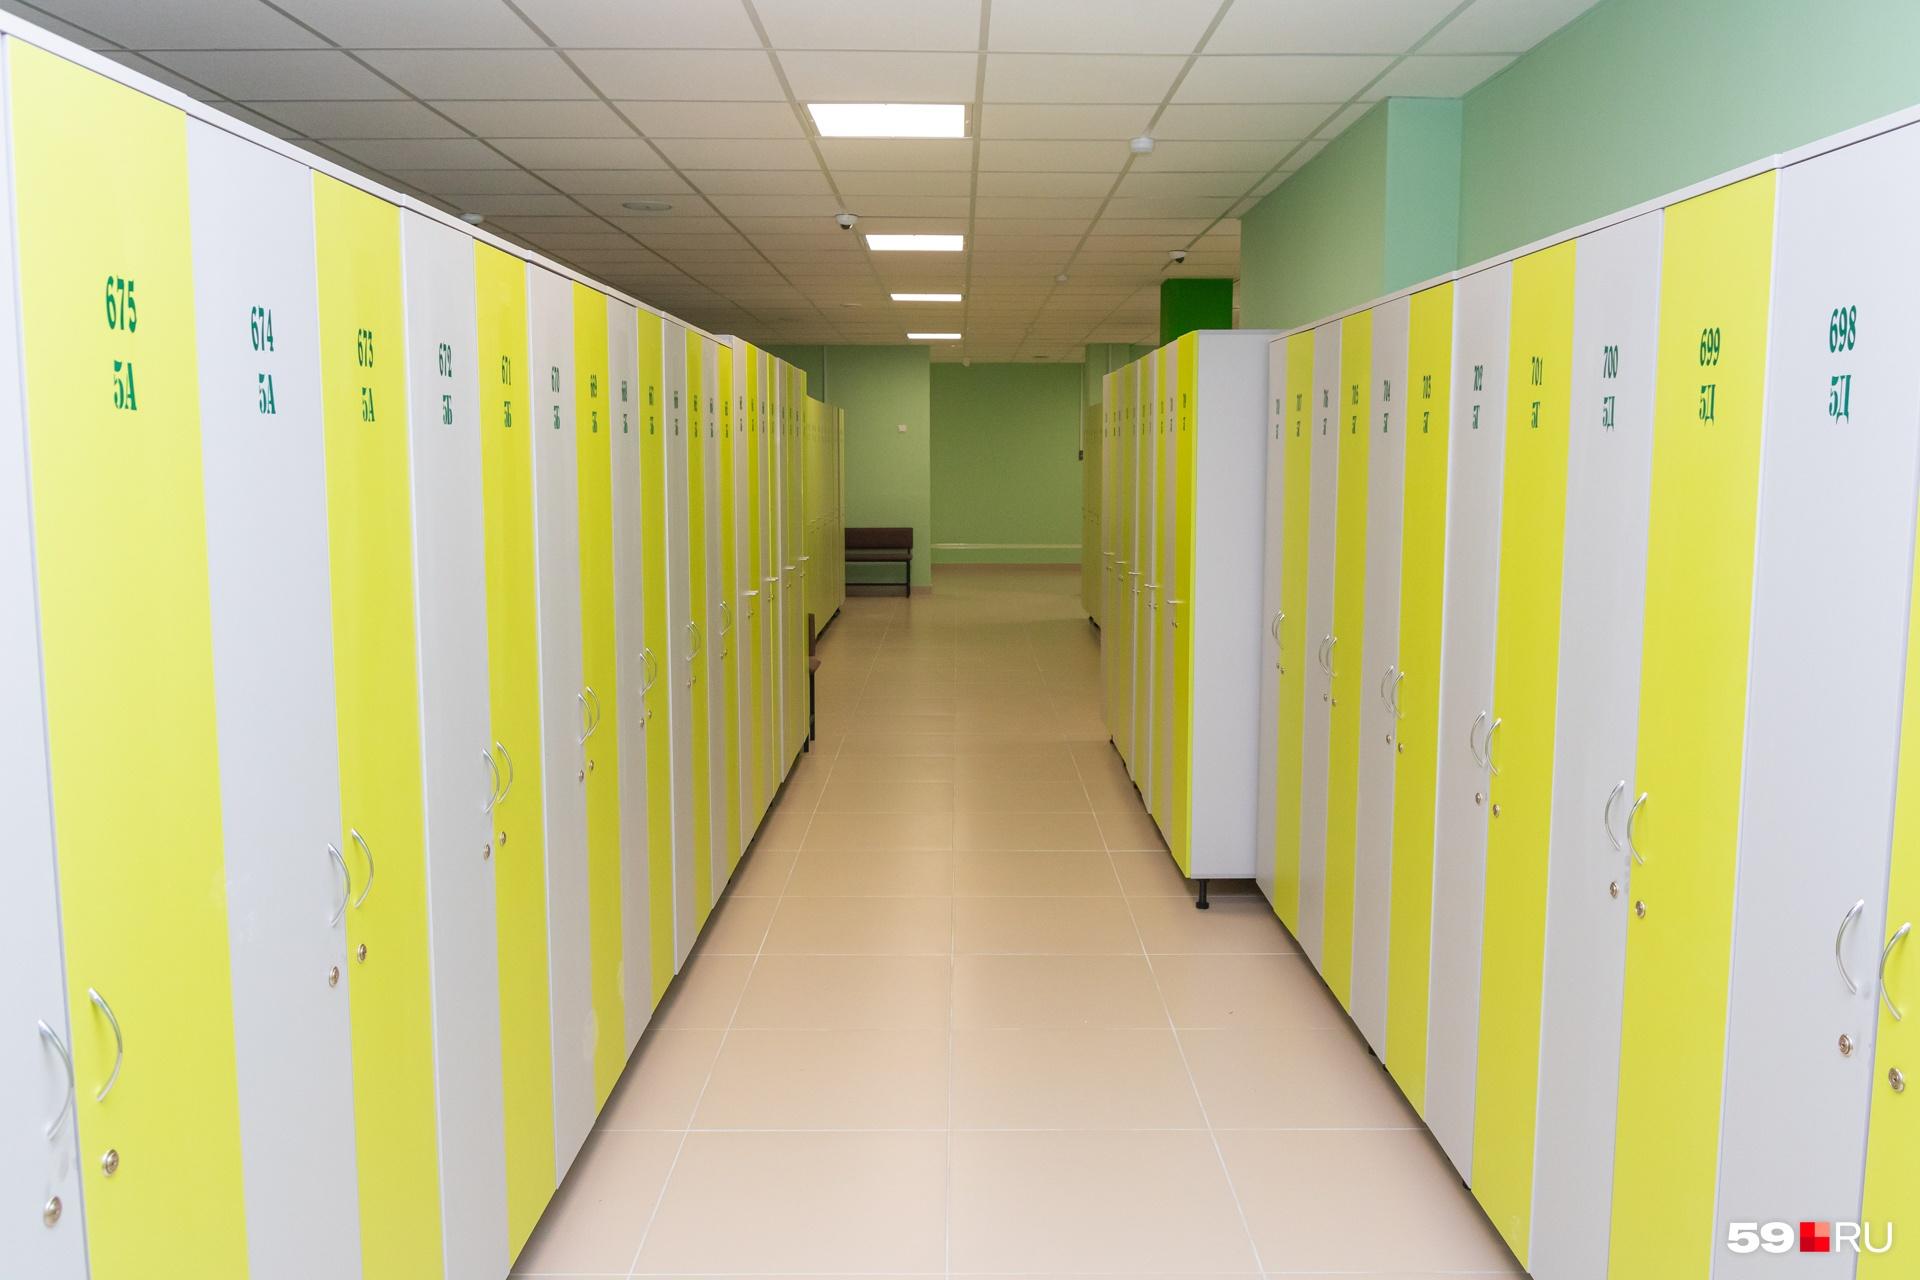 Для каждого ученика теперь есть отдельный шкафчик